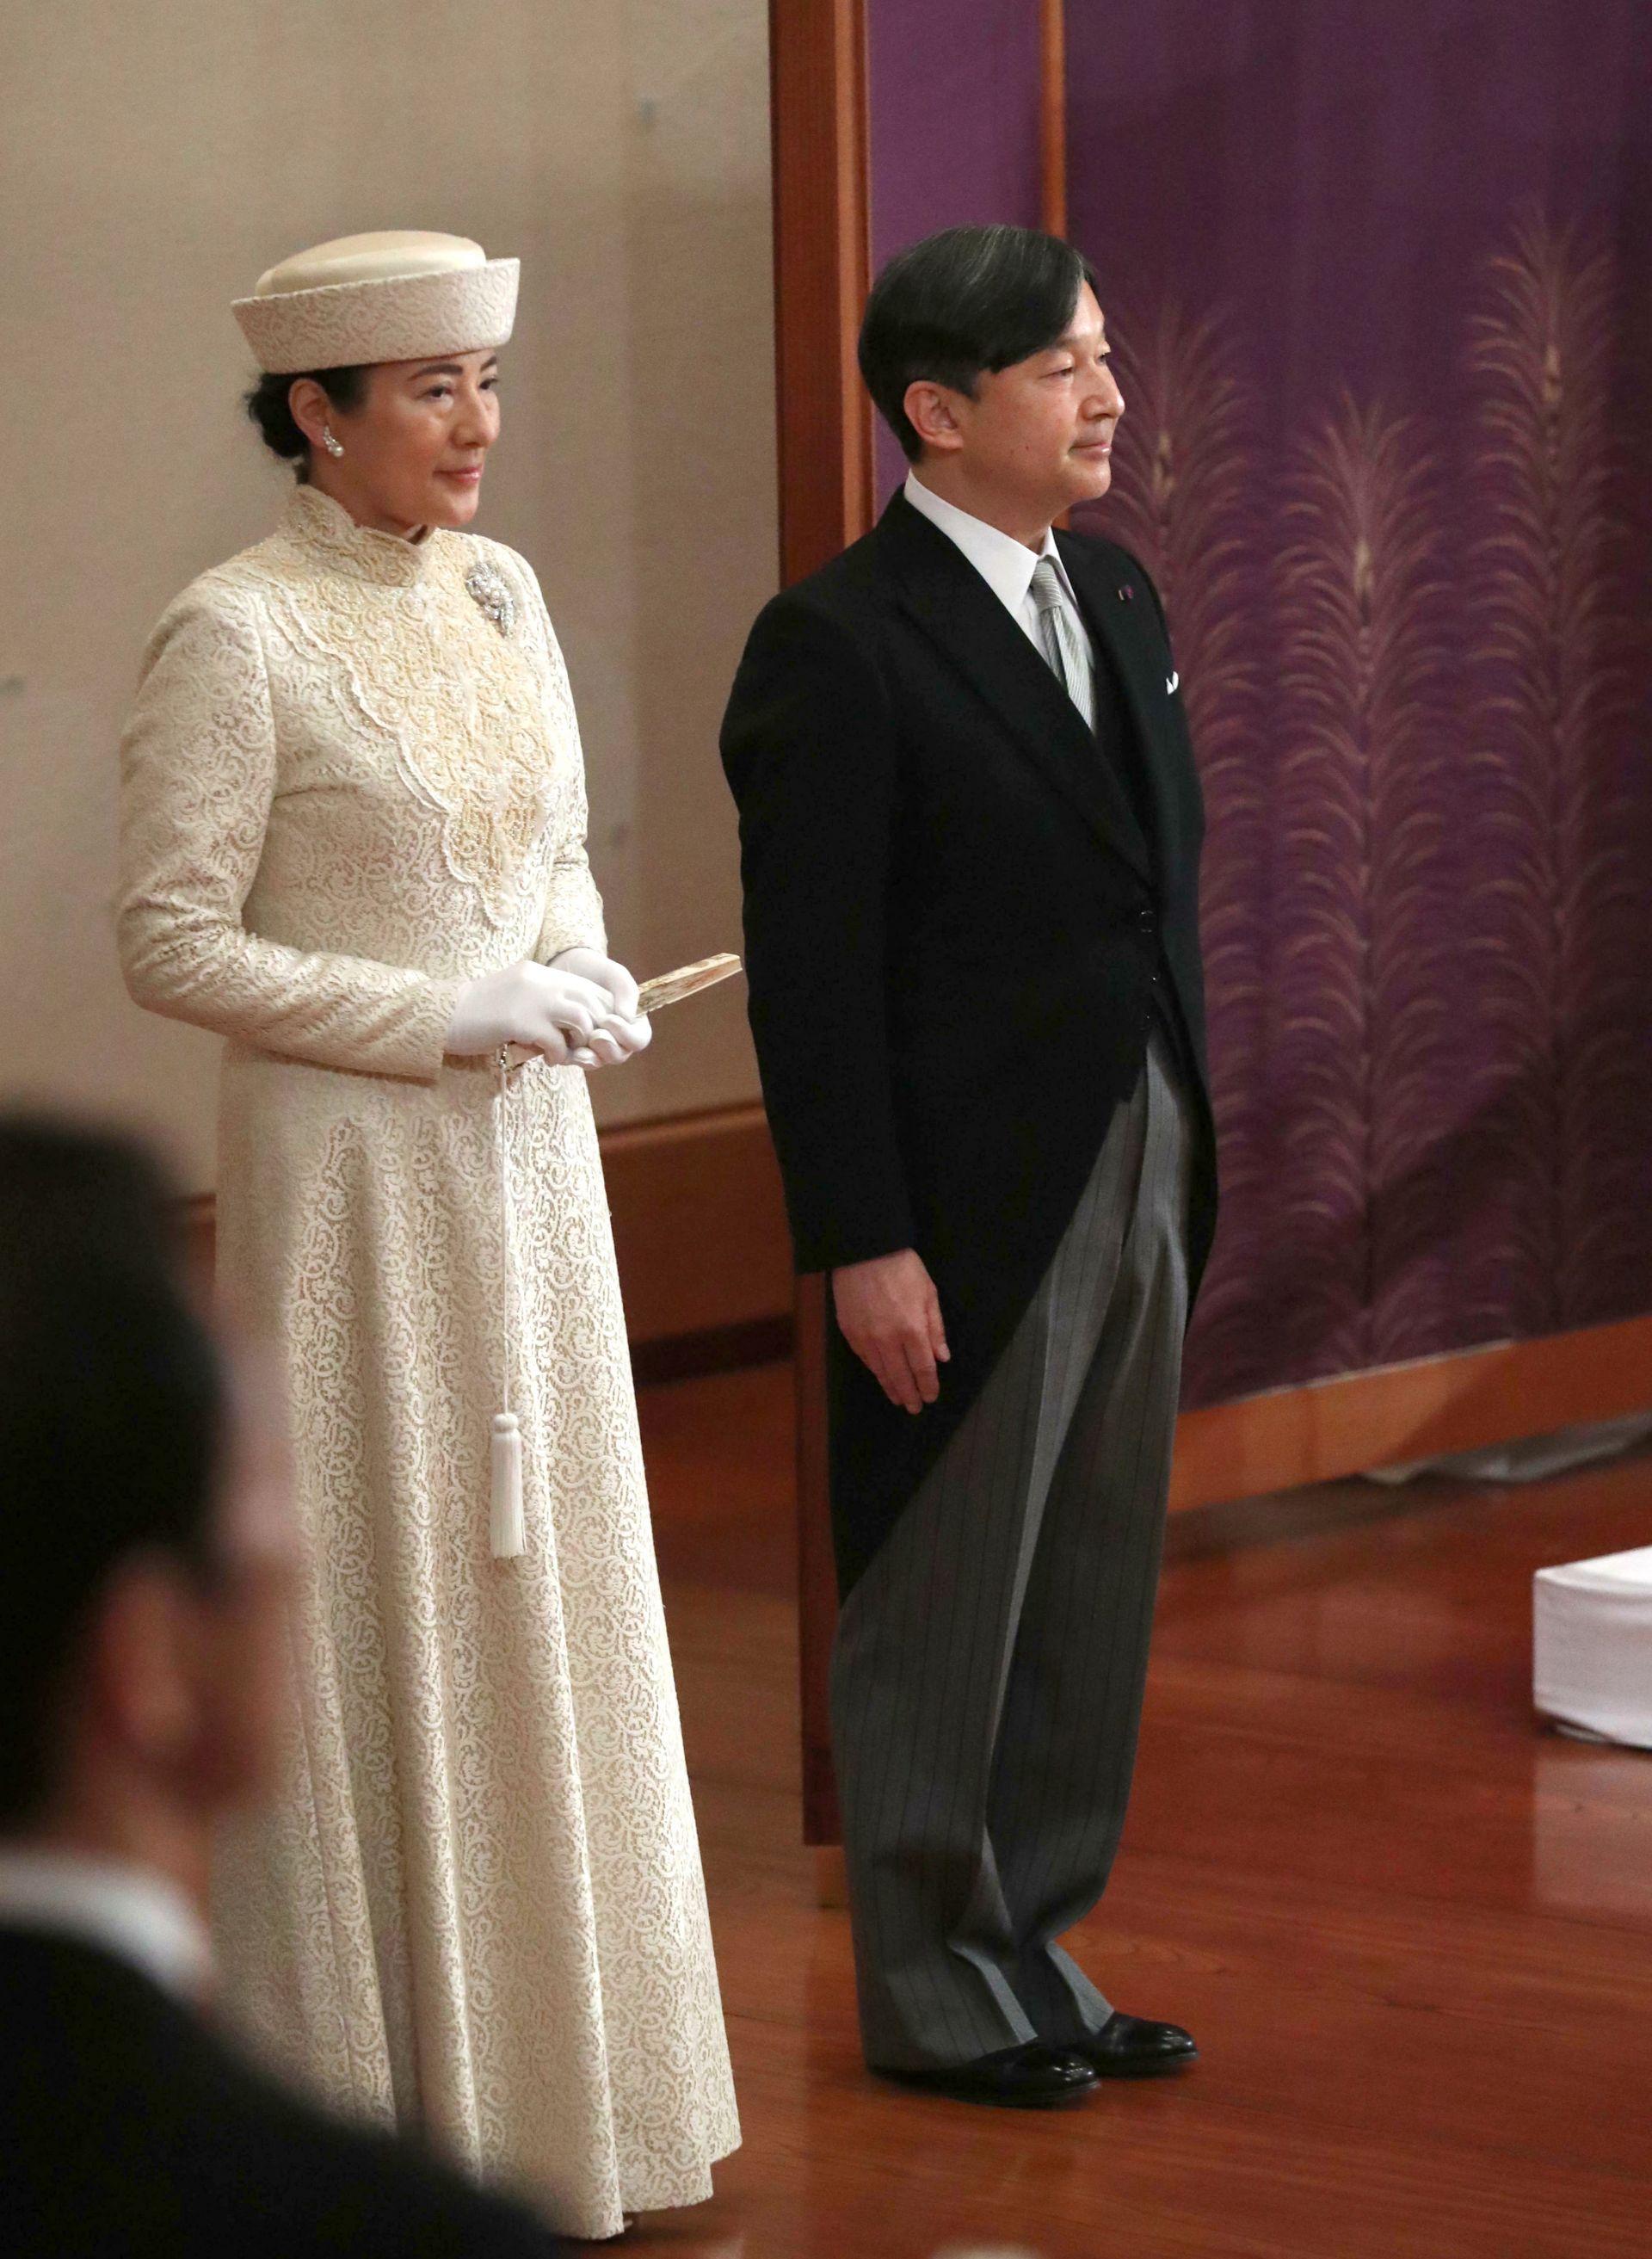 Японският принц Нарухито и принцеса Масако присъстват на церемонията по абдикацията на император Акихито в Имперския дворец в Токио